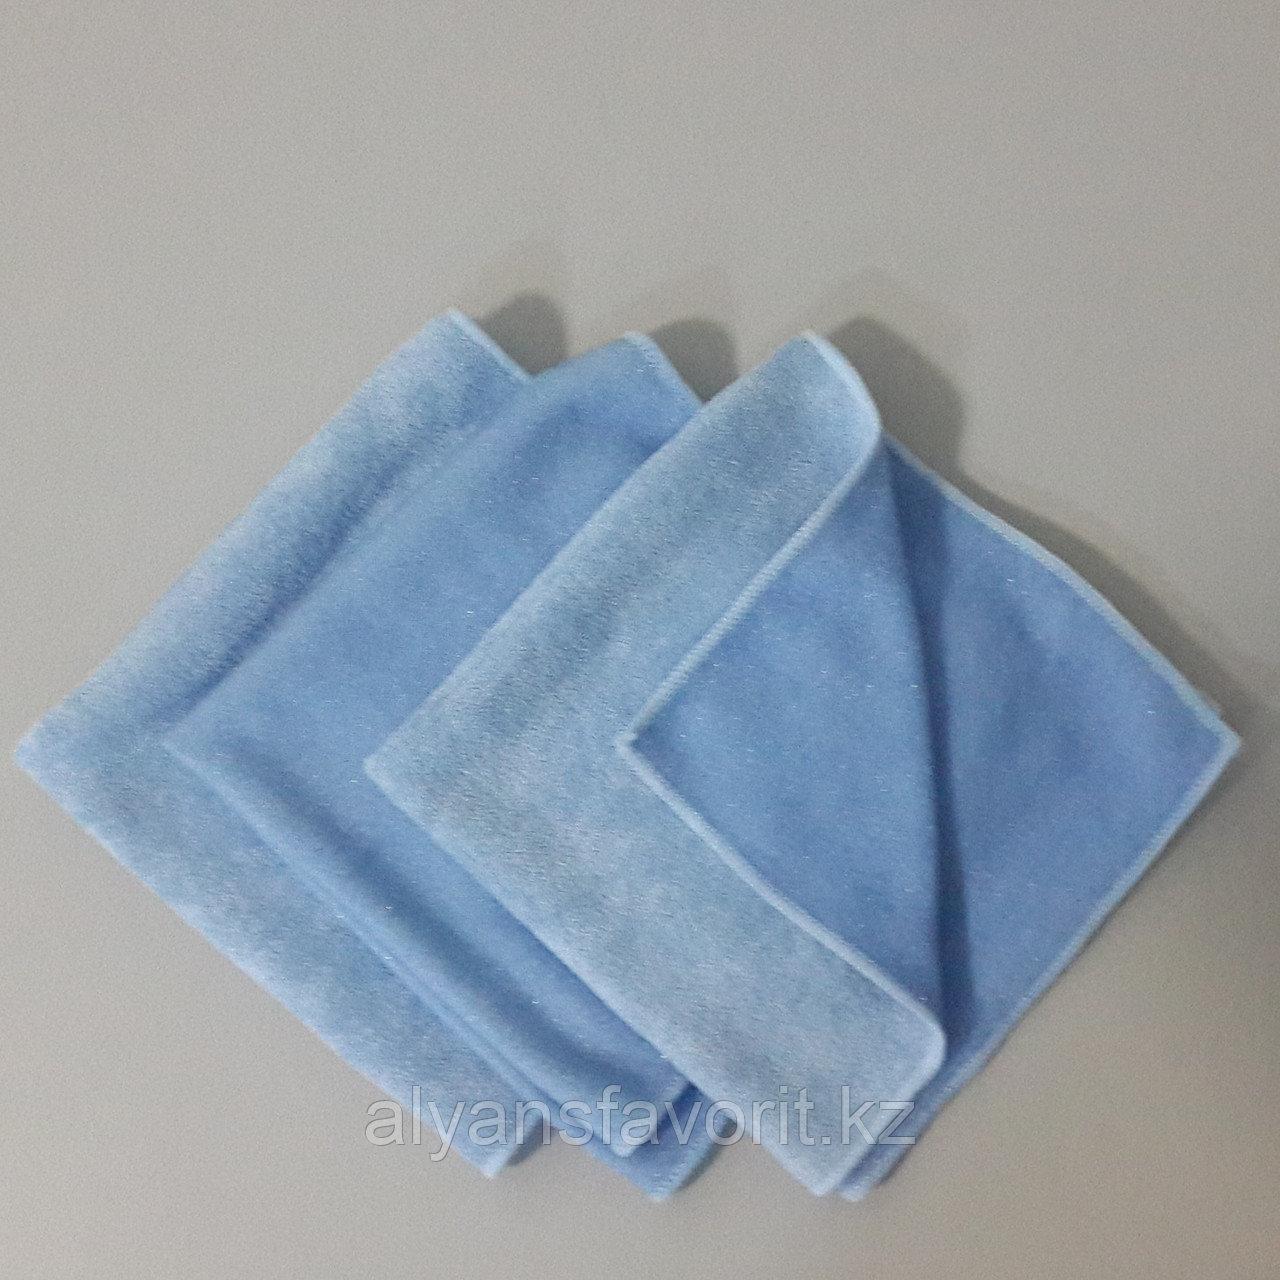 Тряпочка (салфетка) микрофибра с пластиковым абразивом  40*40 см.